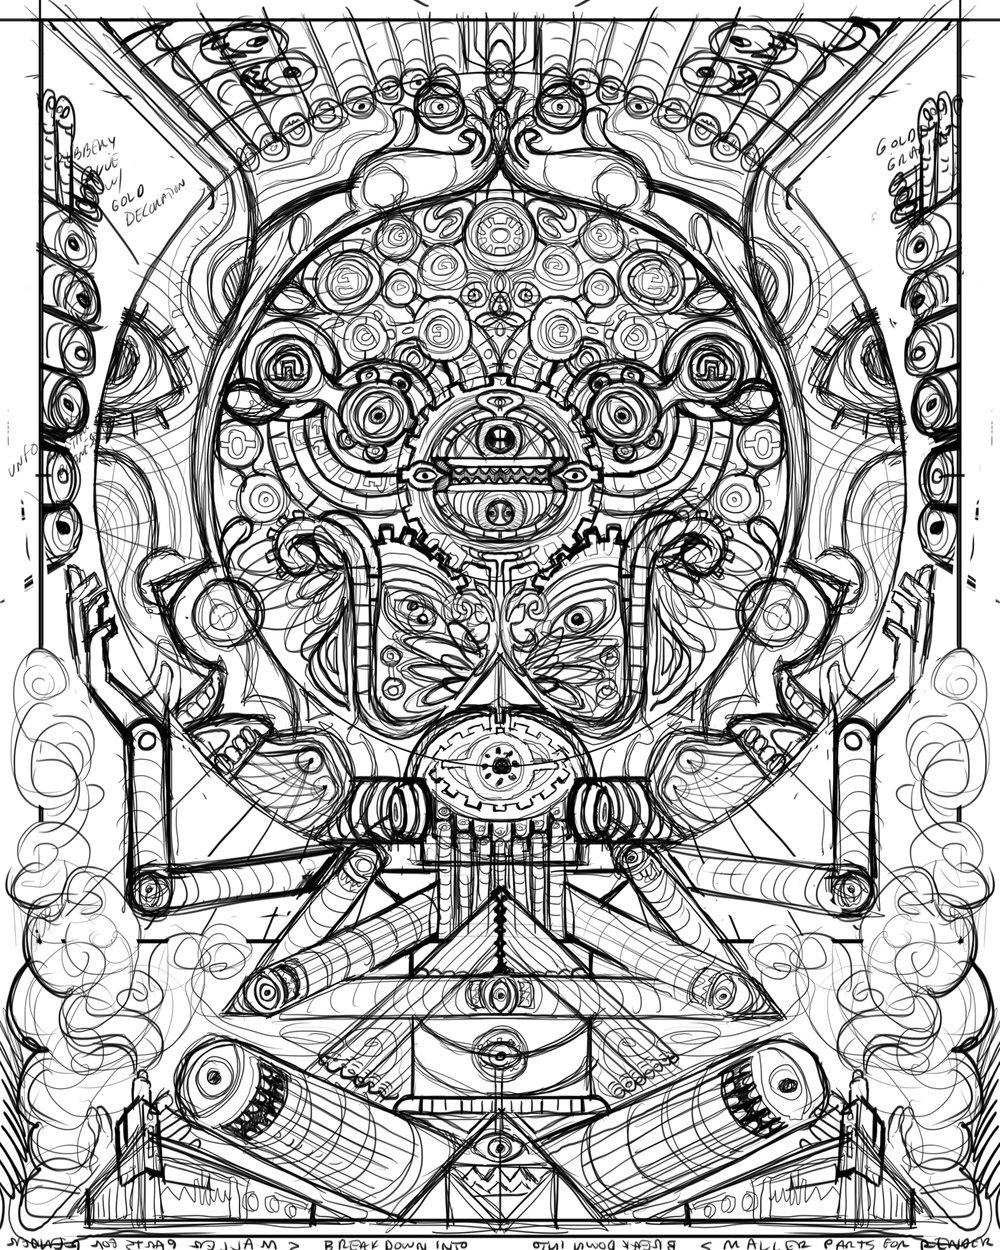 PyramidBuddha_Sketchsmall.jpg